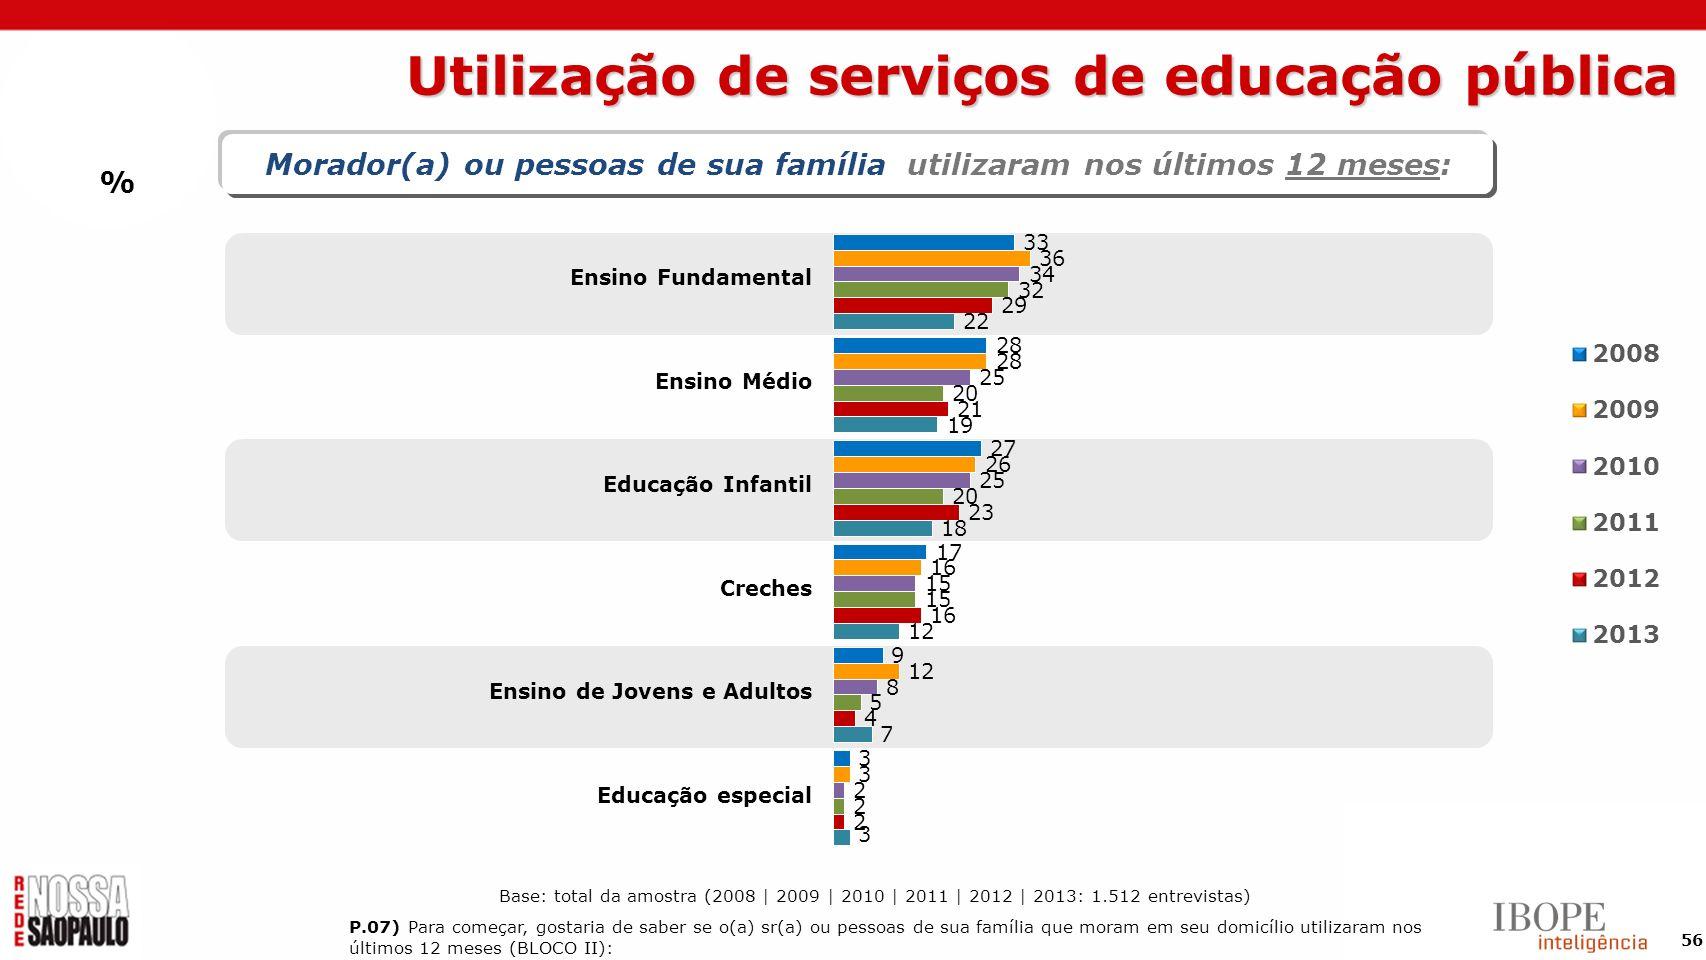 Utilização de serviços de educação pública